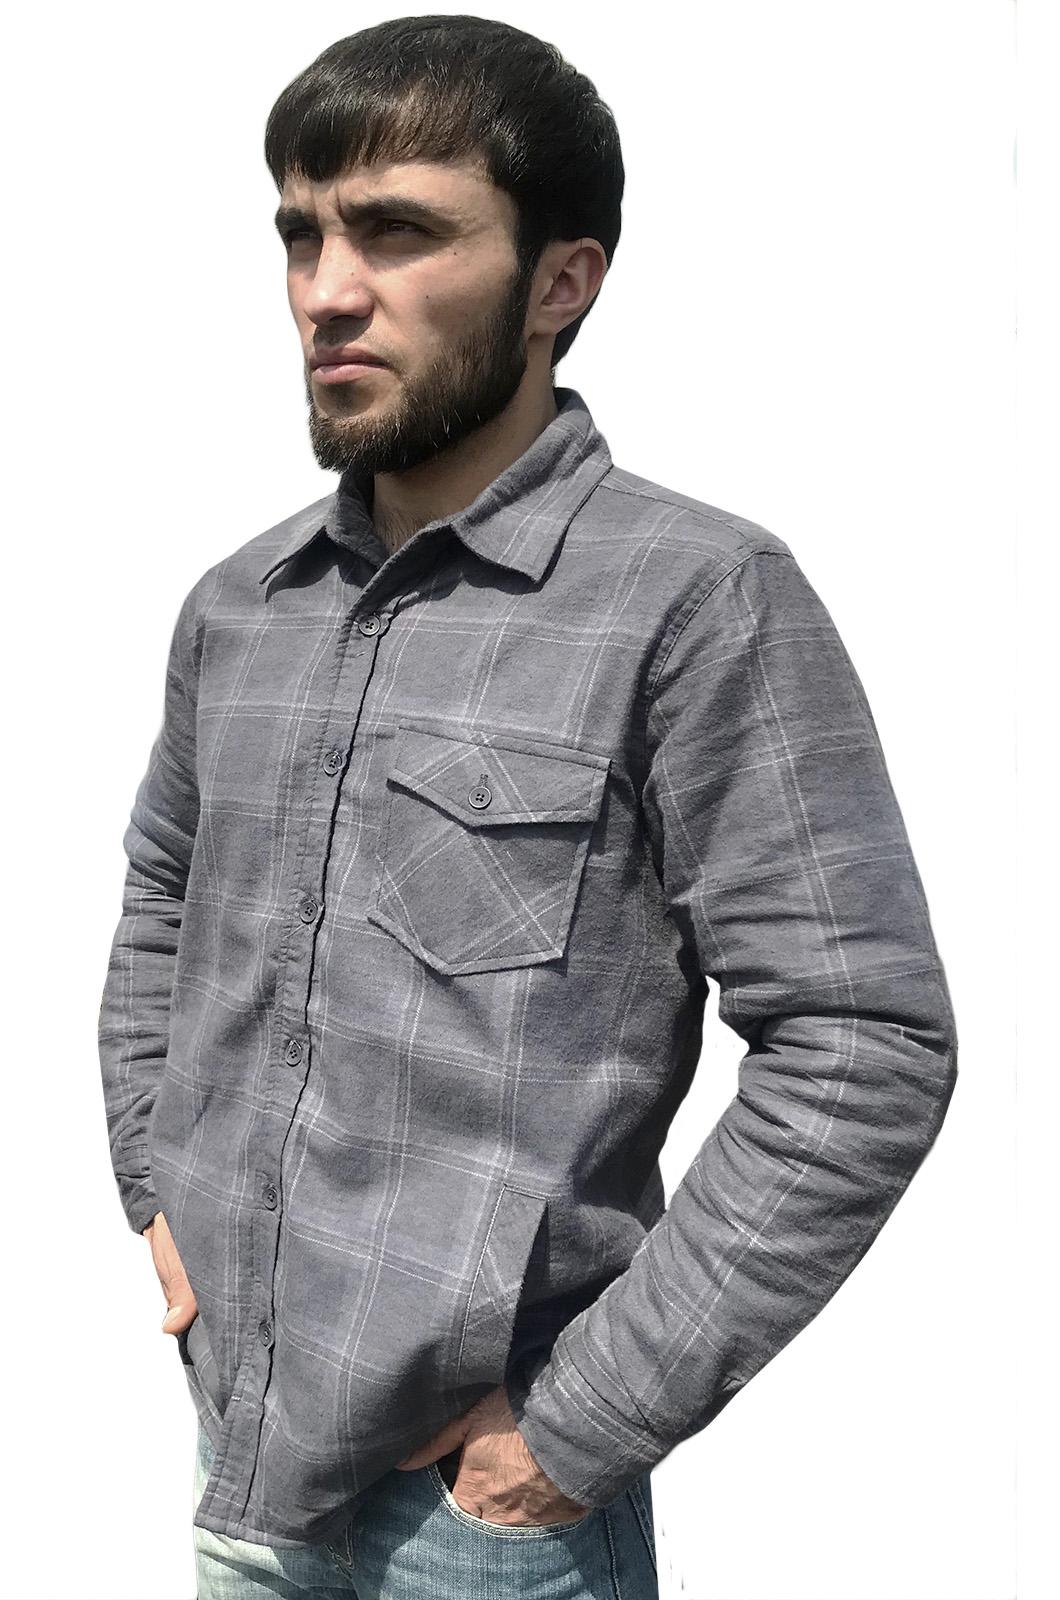 Мужская серая рубашка с вышитым шевроном Мотострелковые Войска - купить в подарок